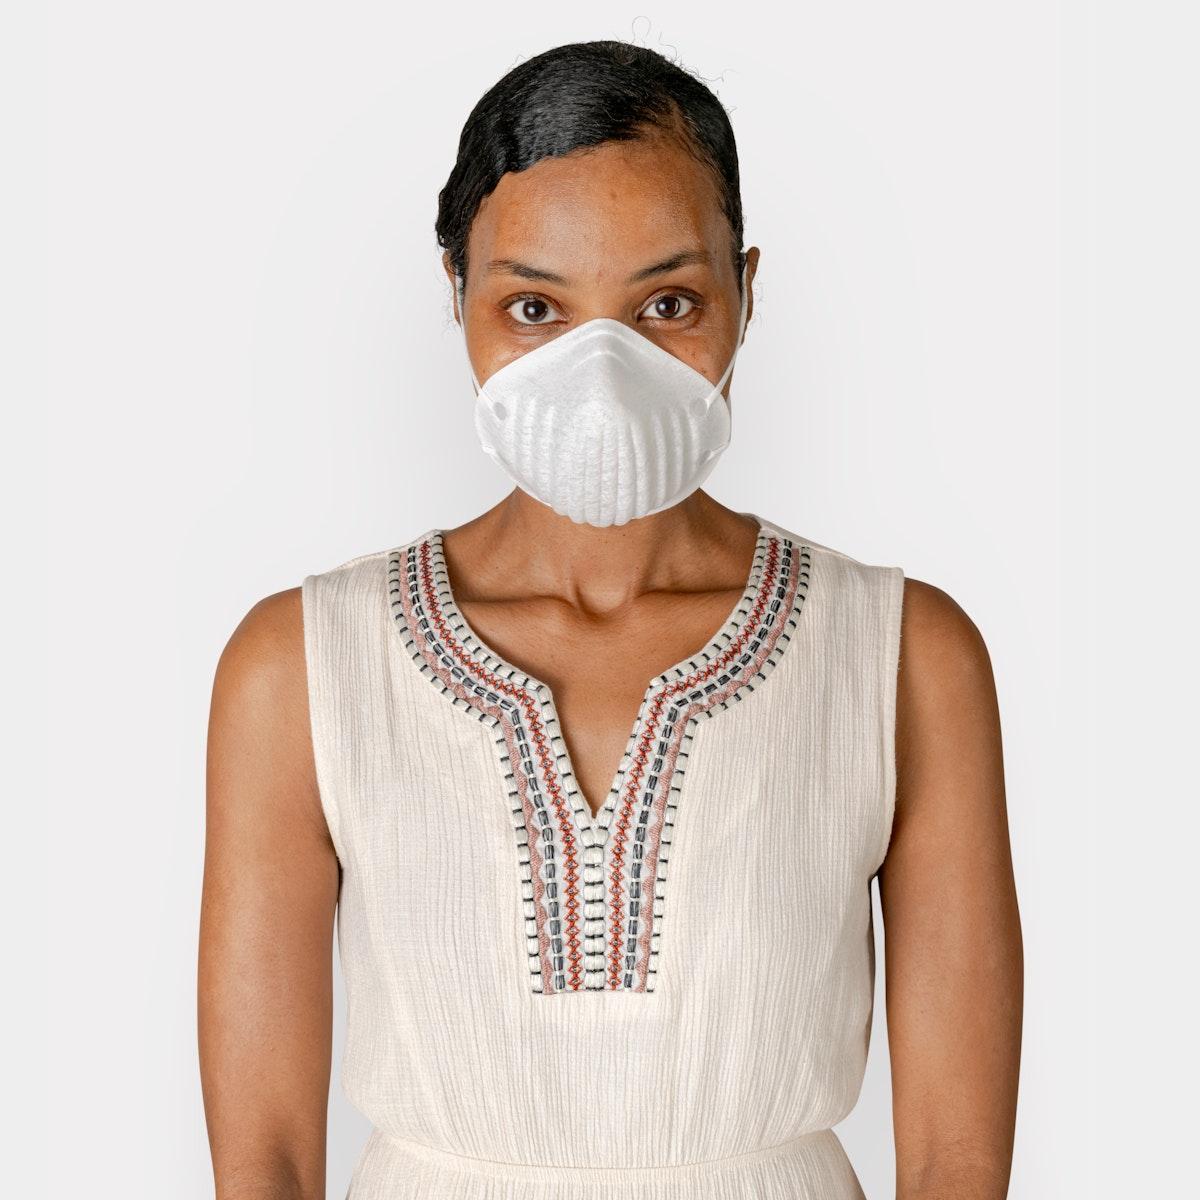 Black woman wearing a mask mockup